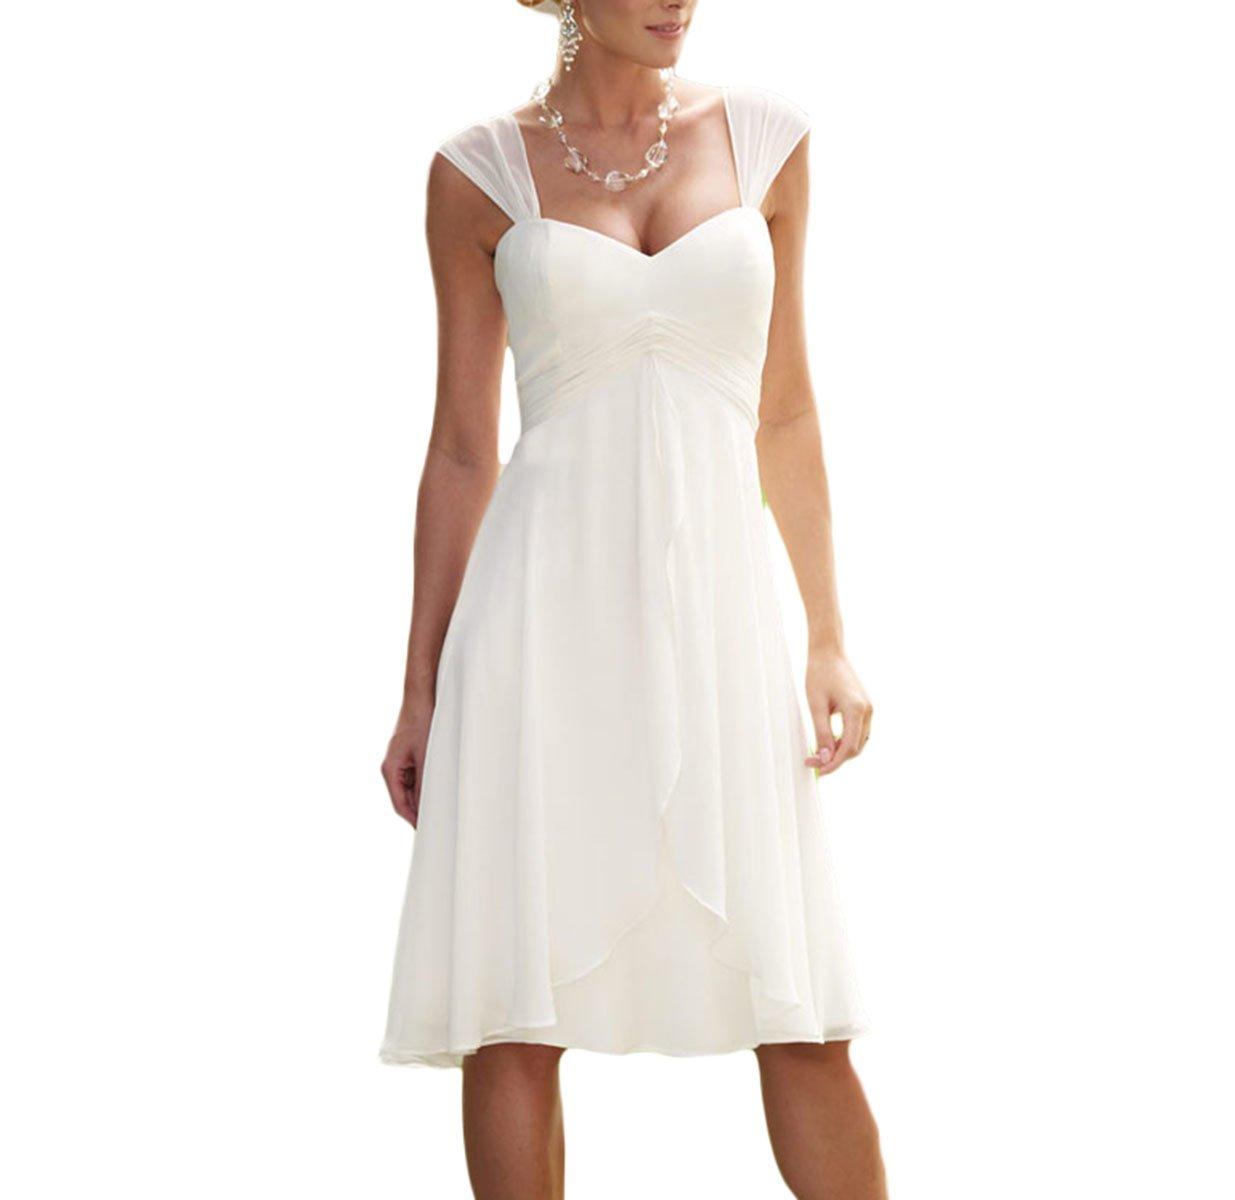 Vestidos de novia de gasa para boda con mangas de capucha y hasta la rodilla de Udresses, Z5 Blanco blanco: Amazon.es: Ropa y accesorios